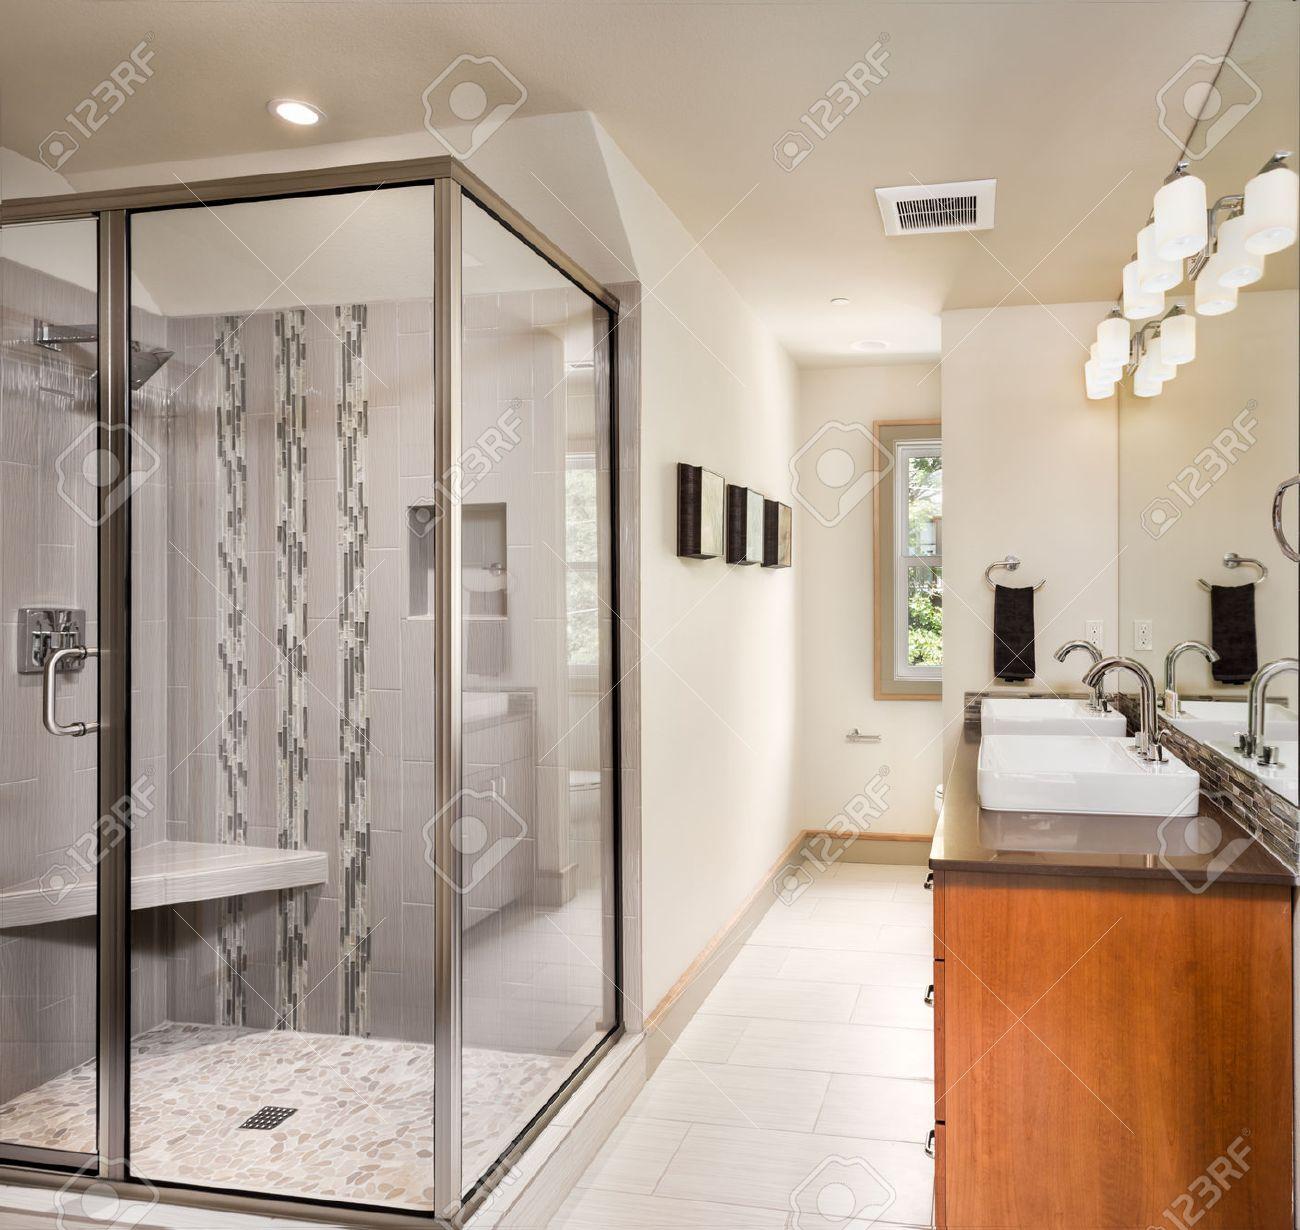 Meuble salle de bain banque d'images, vecteurs et illustrations ...